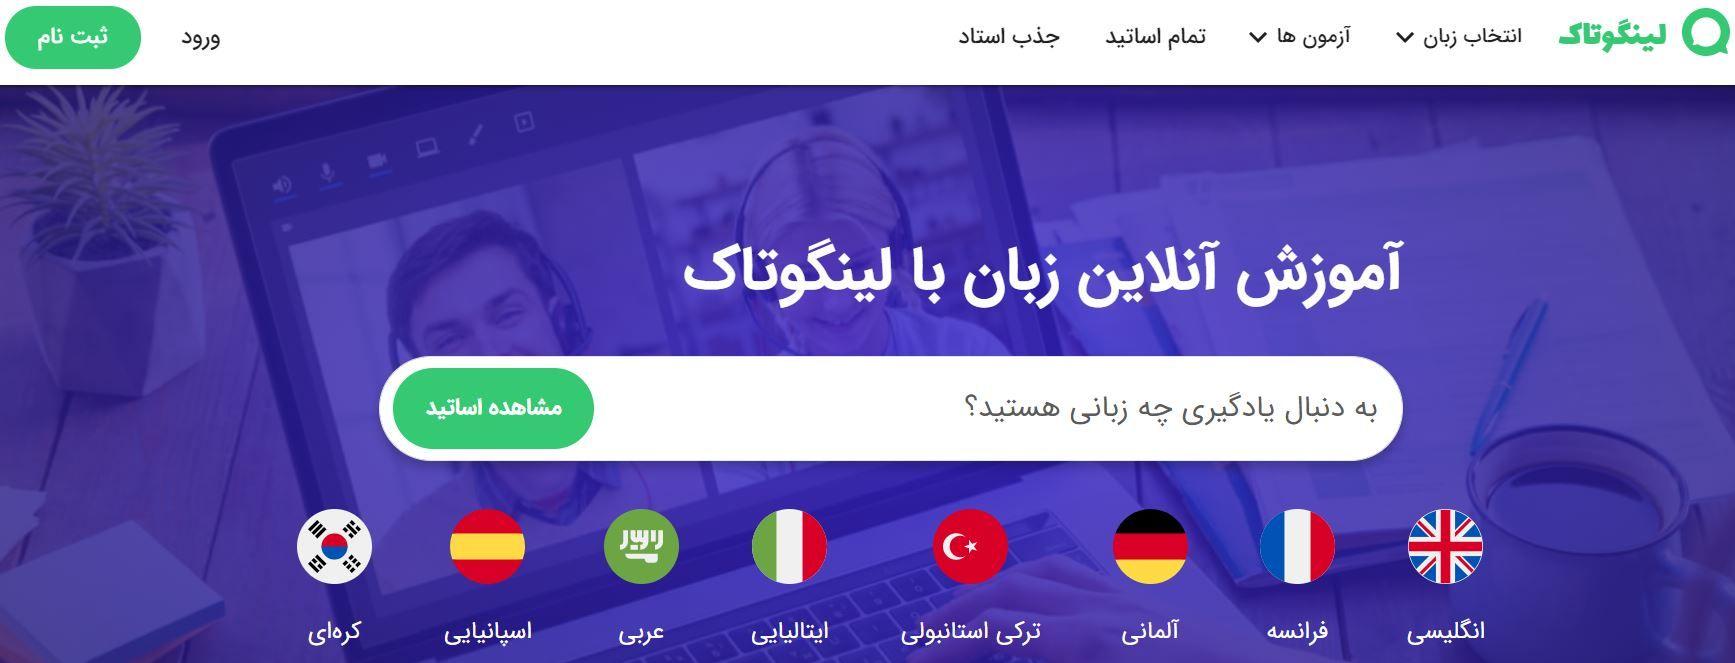 آموزشگاه آنلاین زبان انگلیسی لینگوتاک